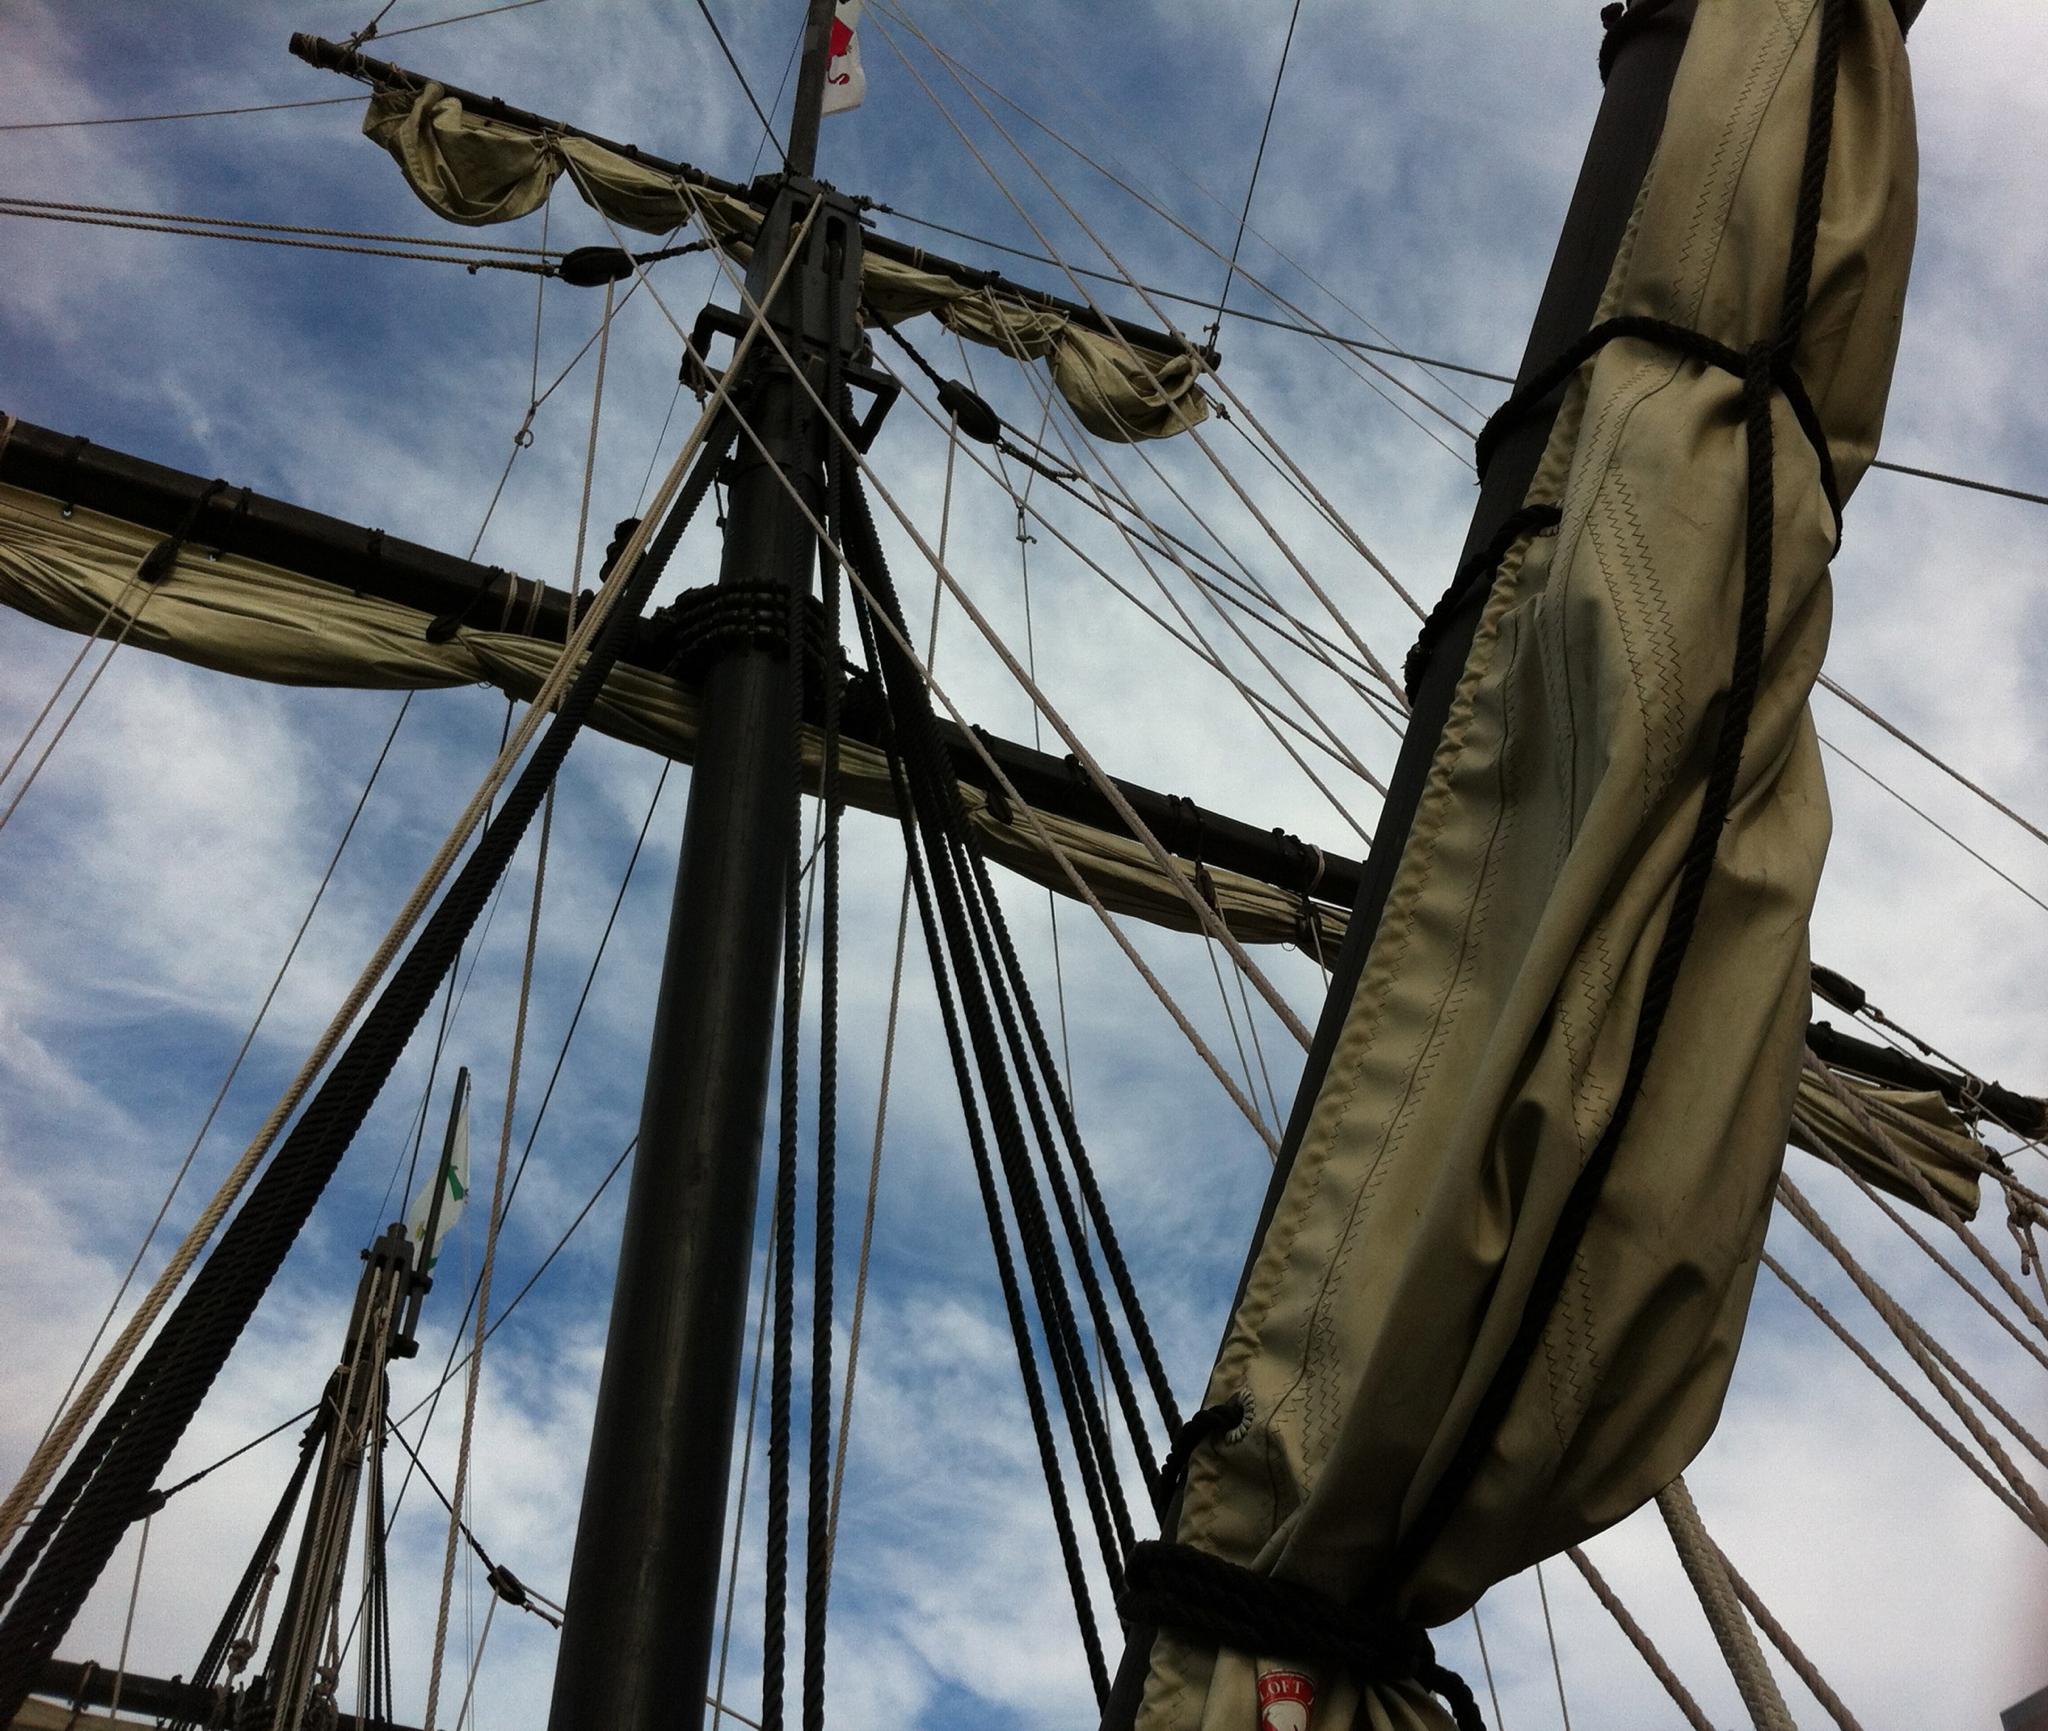 Free stock photo of sailing ship, boat, ship, rope